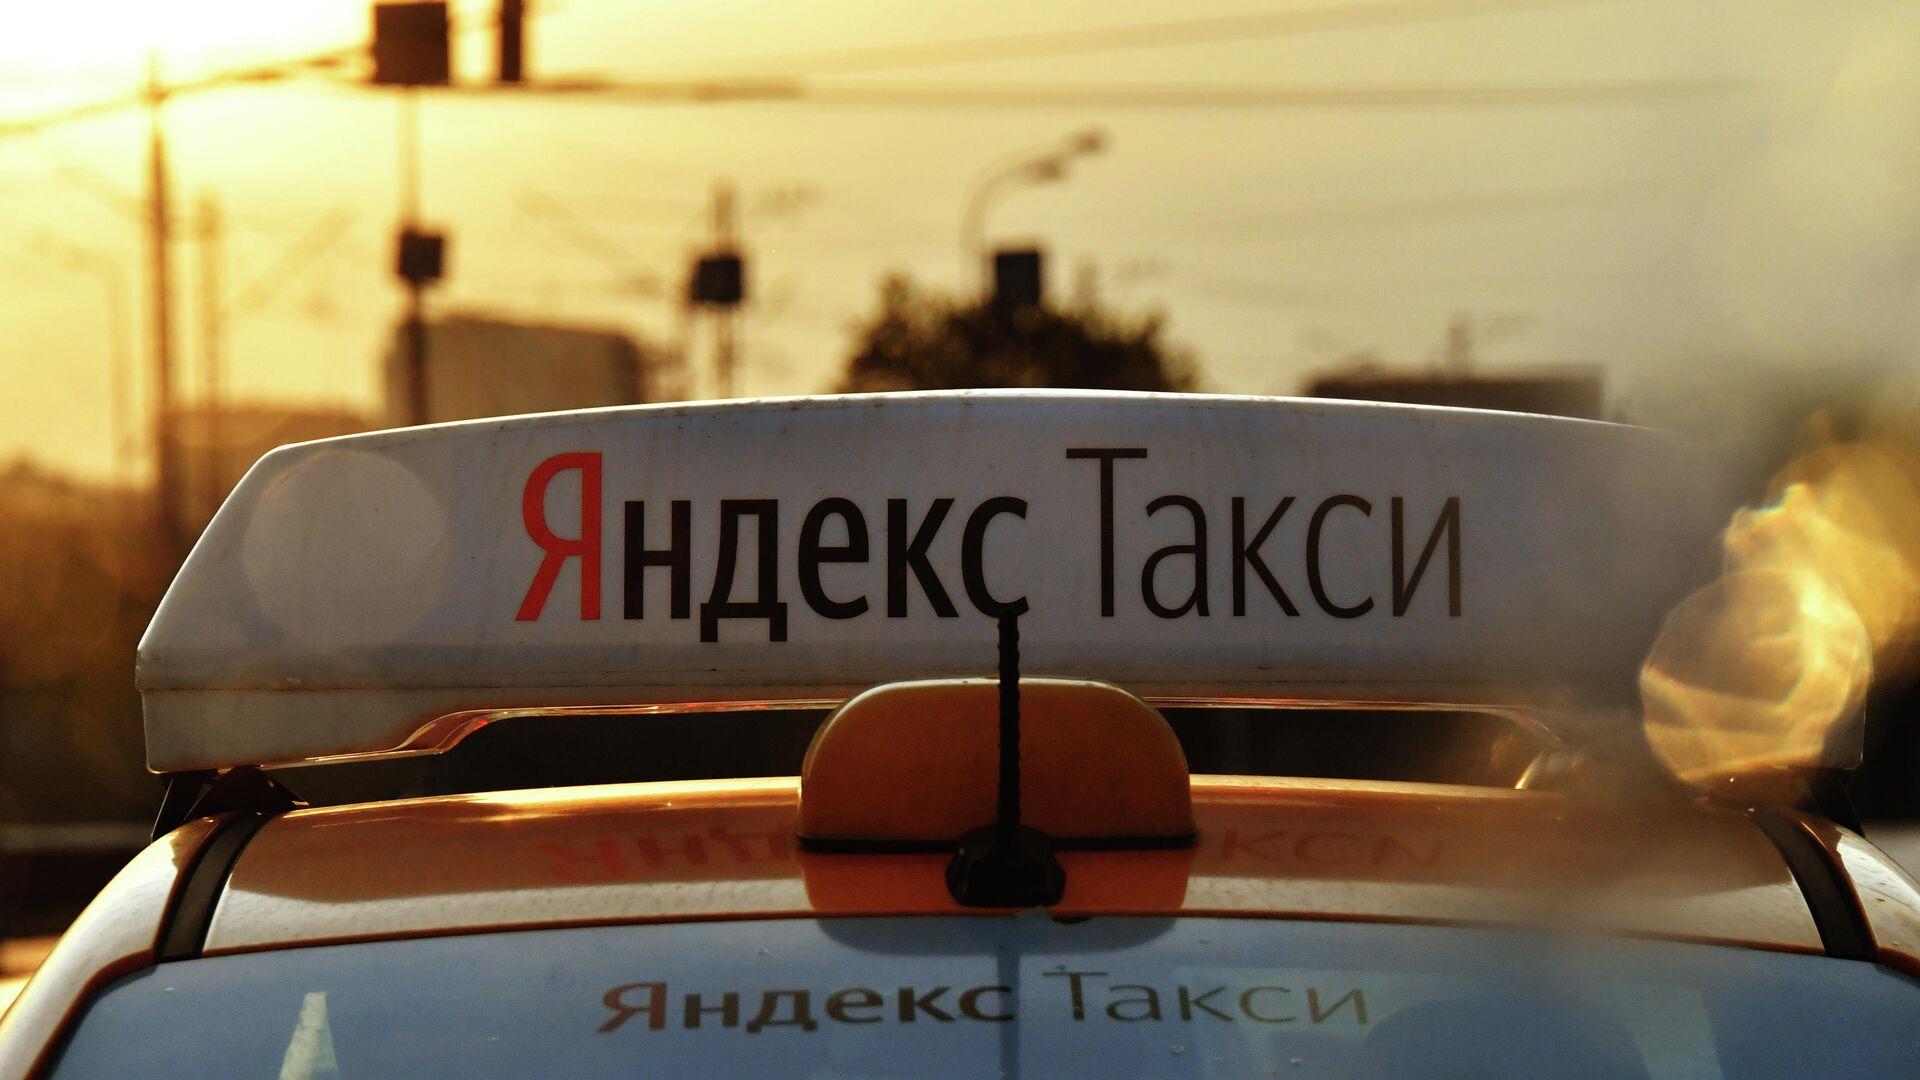 Яндекс Такси - РИА Новости, 1920, 17.02.2021